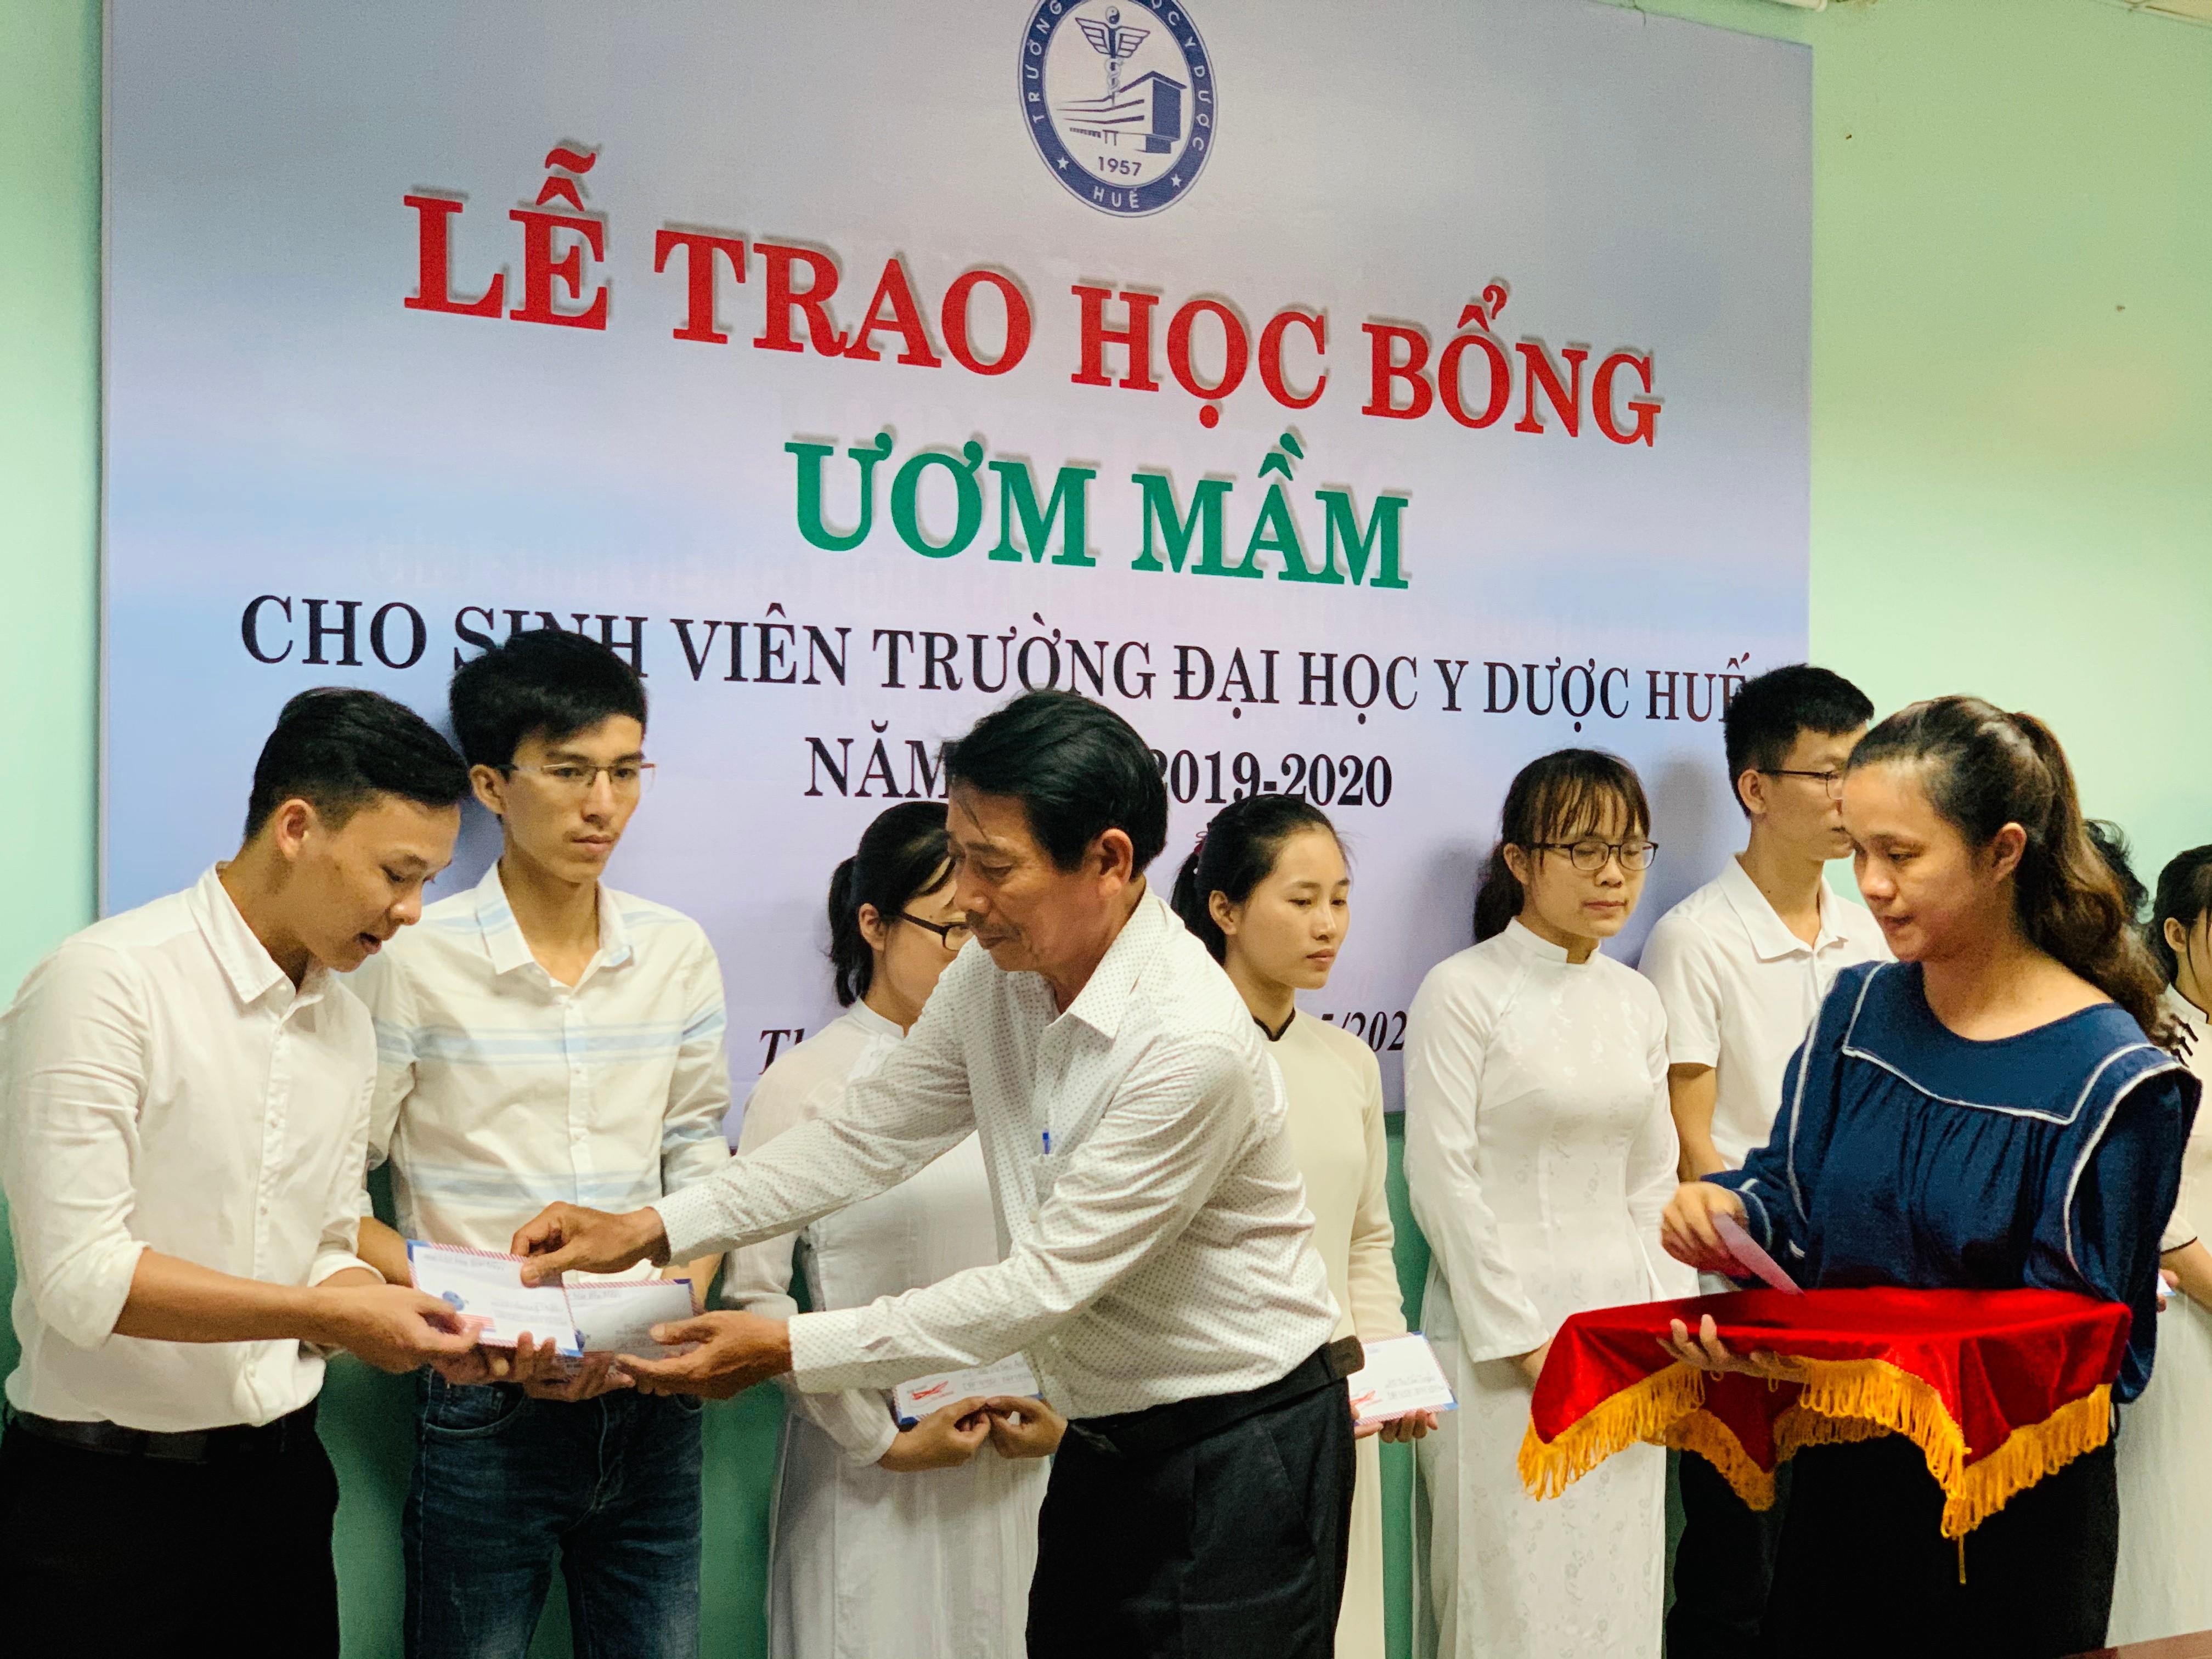 Trao học bổng Ươm mầm cho 22 sinh viên Y đa khoa